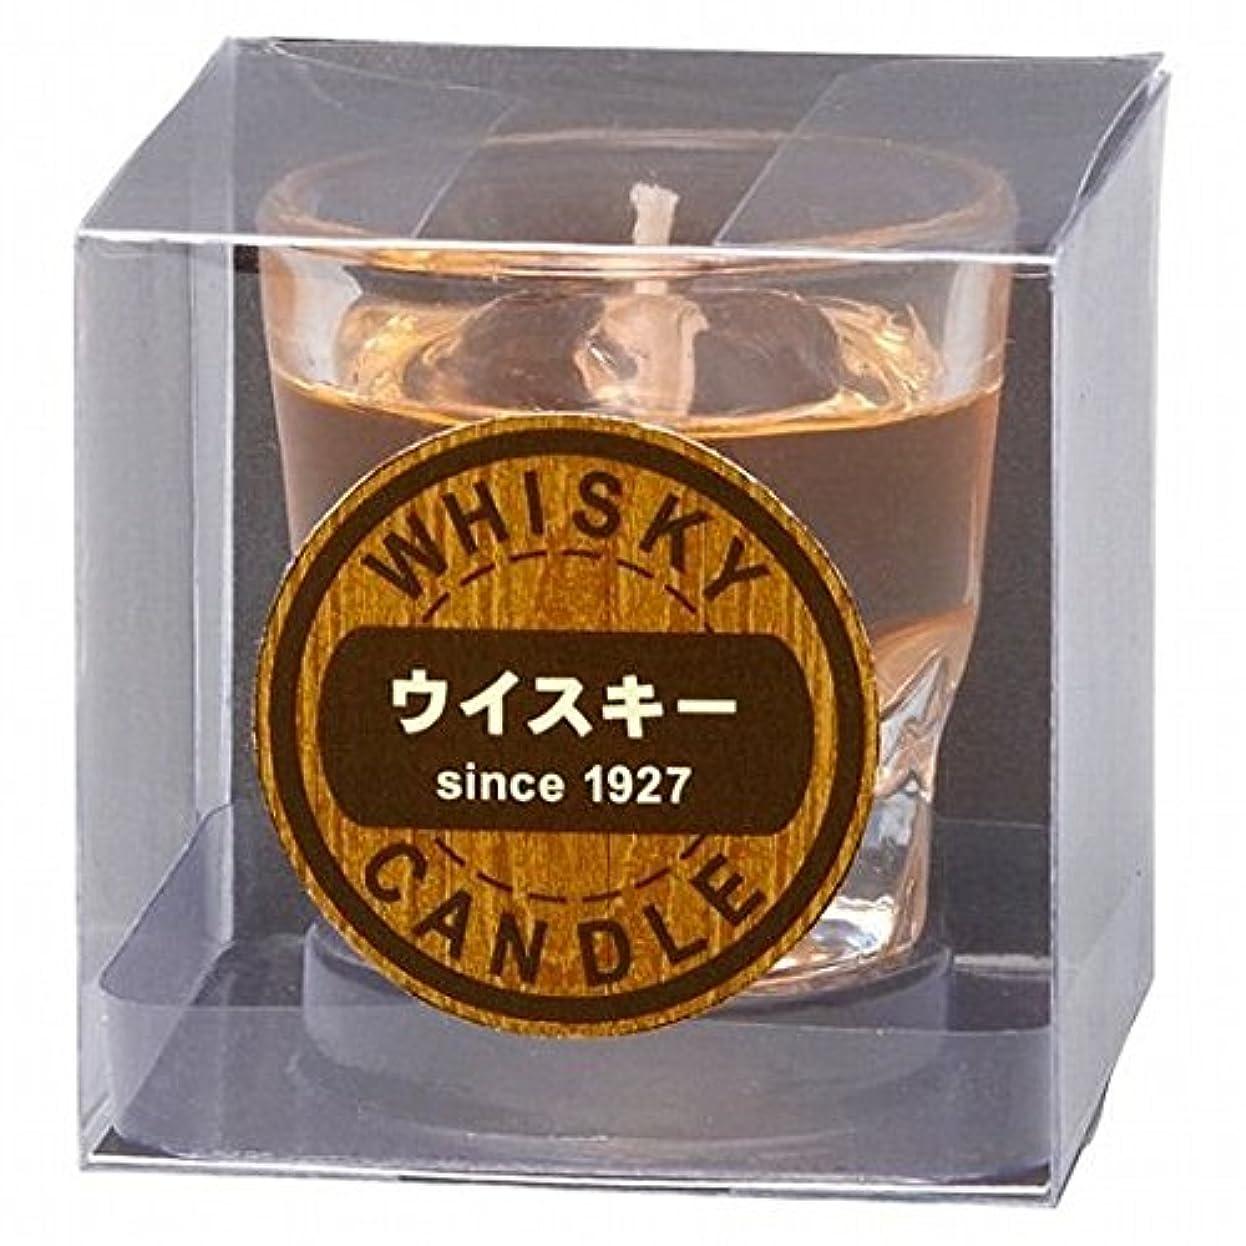 ボルトベーリング海峡シビックkameyama candle(カメヤマキャンドル) ウイスキーロックキャンドル(86170000)